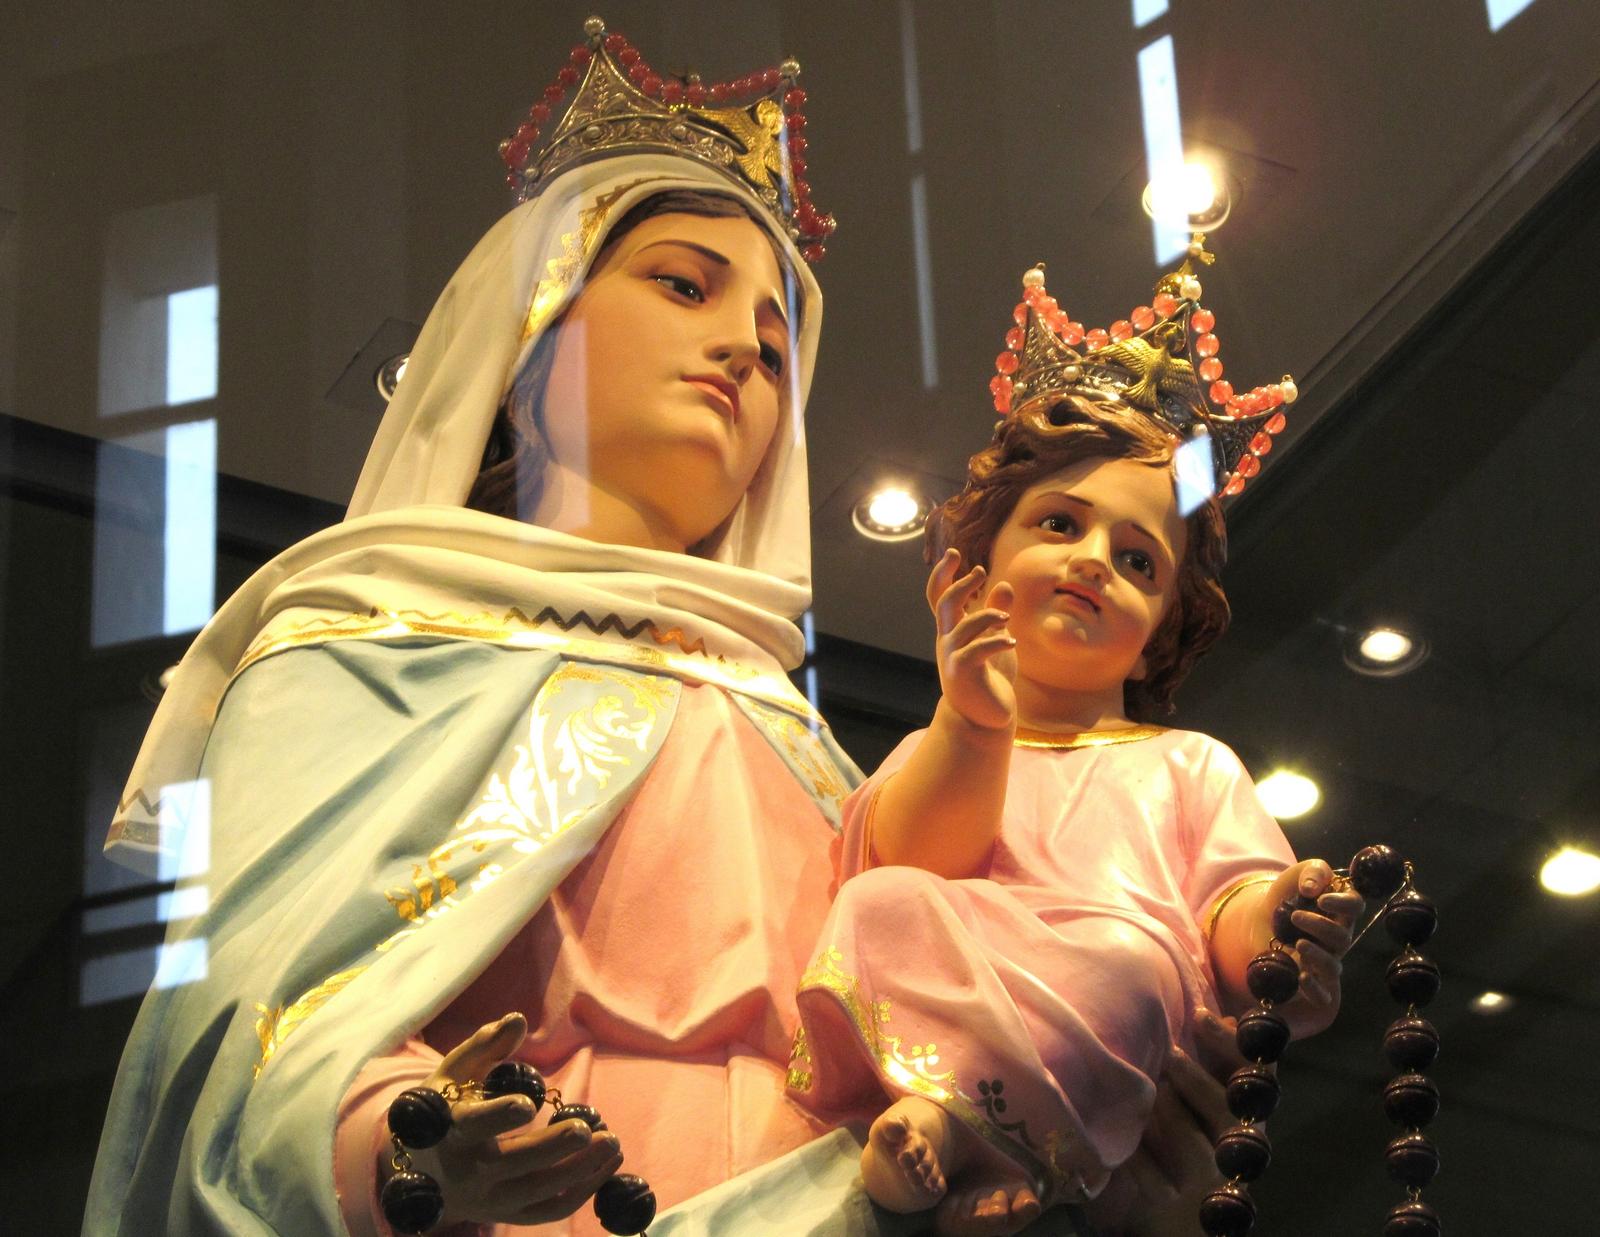 Aparicin de nuestra seora del rosario de san nicols aprobada por virgen del rosario de san nicolas fondo altavistaventures Choice Image